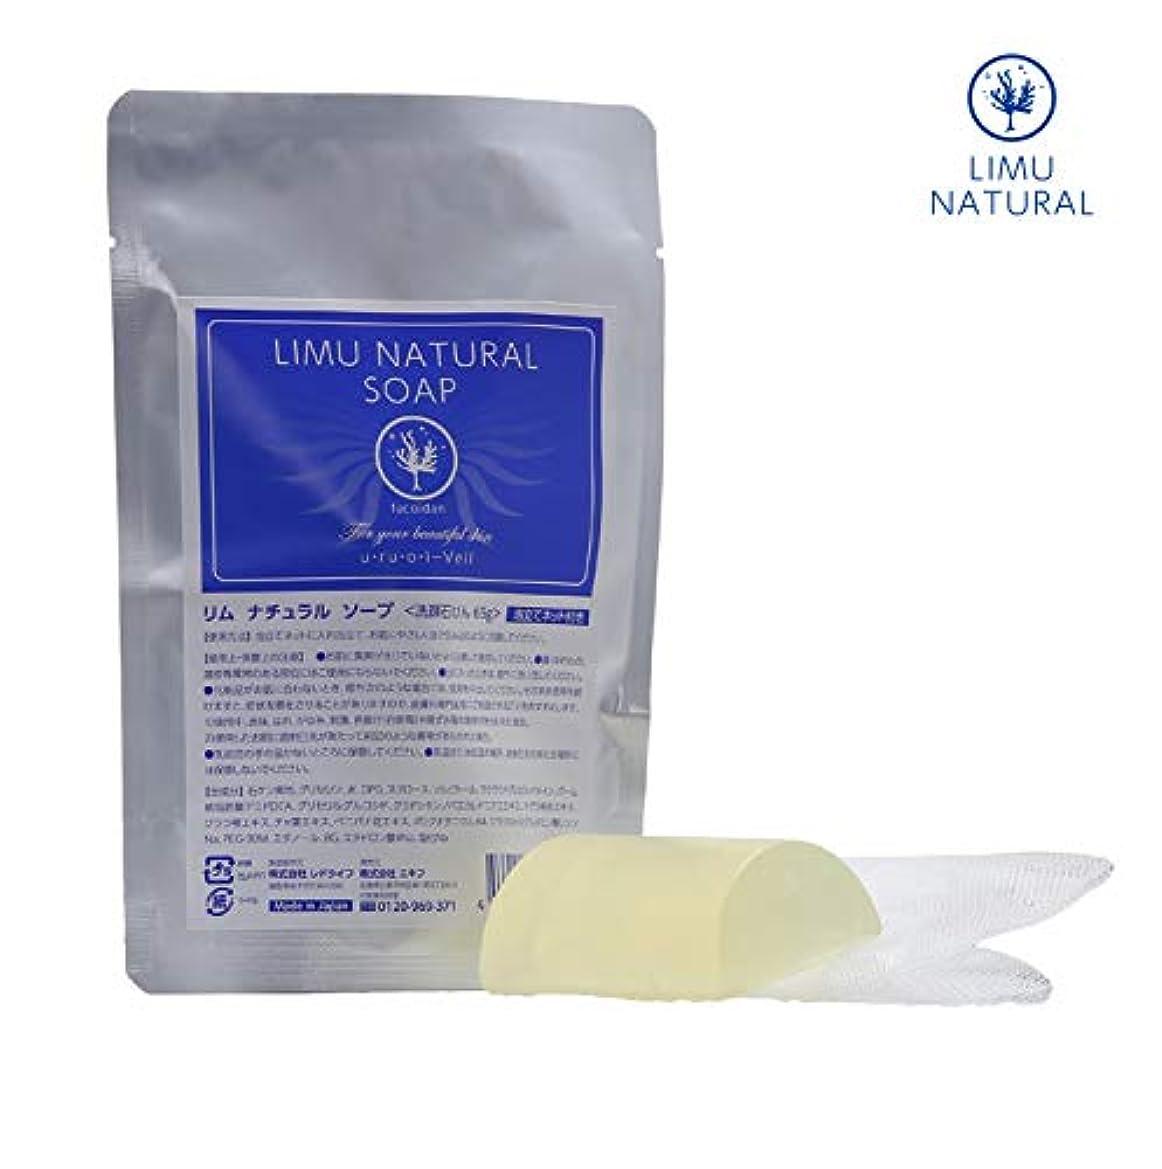 周術期スティック照らすリムナチュラルソープ LIMU NATURAL SOAP ヌルあわ洗顔石けん 泡だてネット付き「美白&保湿」「フコイダン」+「グリセリルグルコシド」天然植物成分を贅沢に配合 W効果 日本製